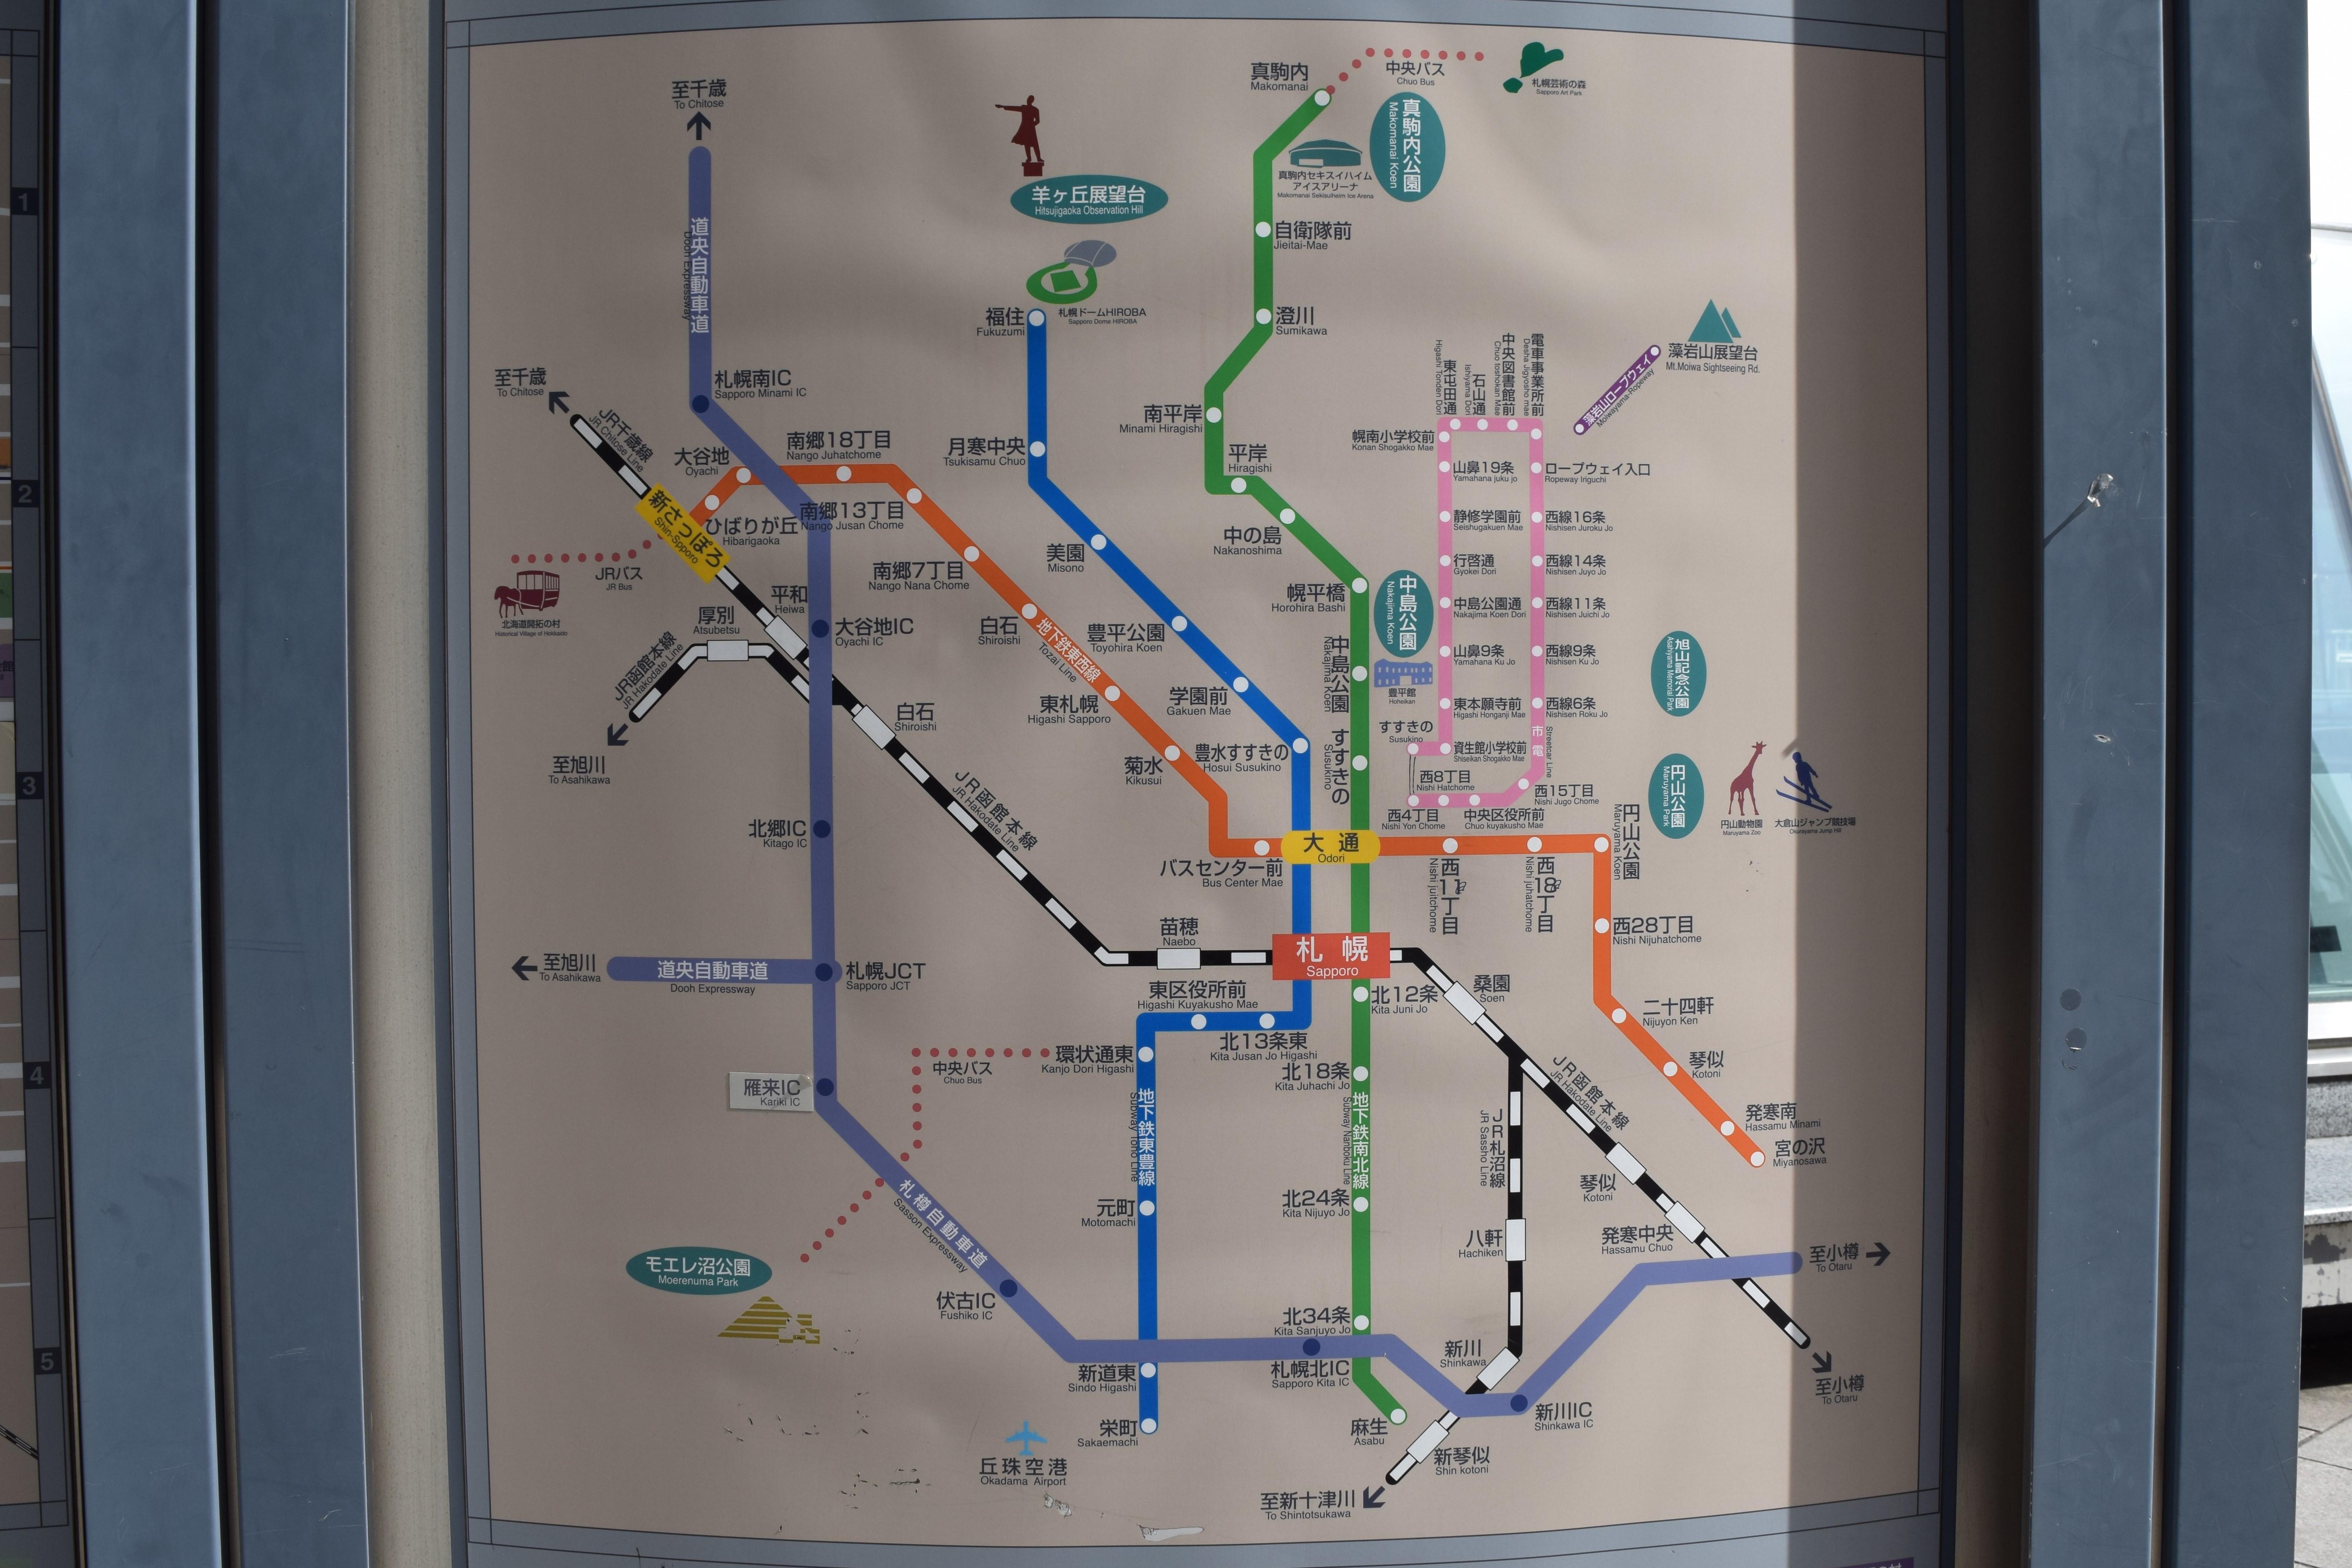 札幌市内の公共交通機関(JR・地下鉄・市電・バス)路線図